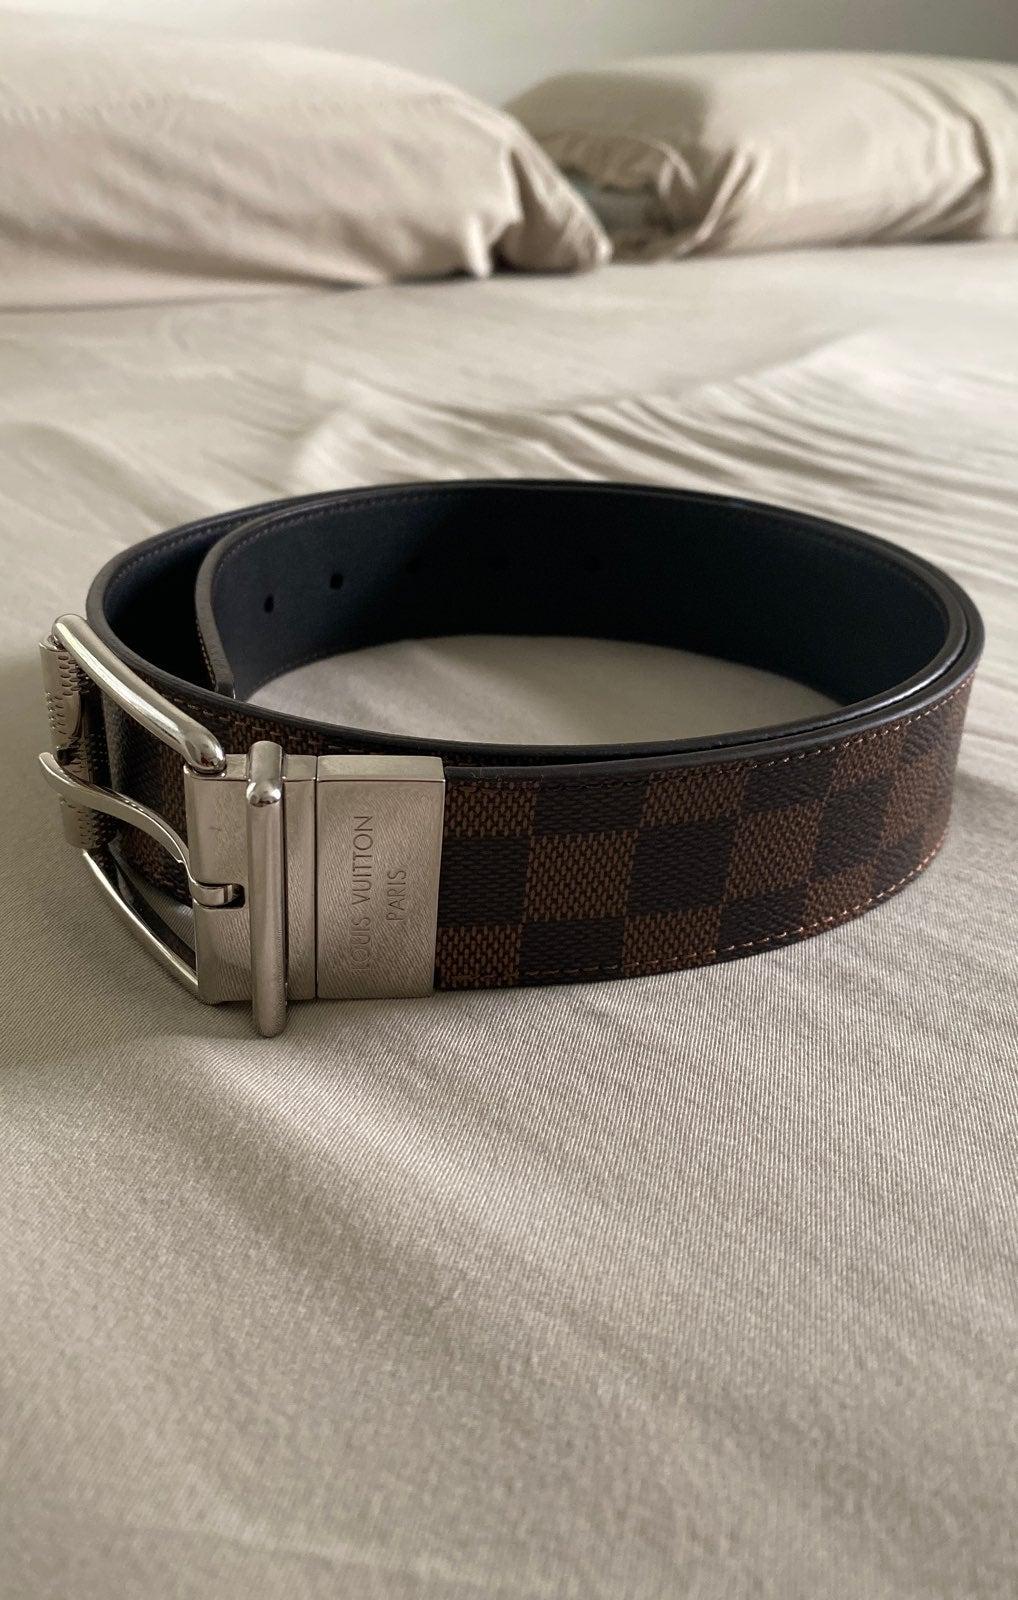 Louis Vuitton mens belt